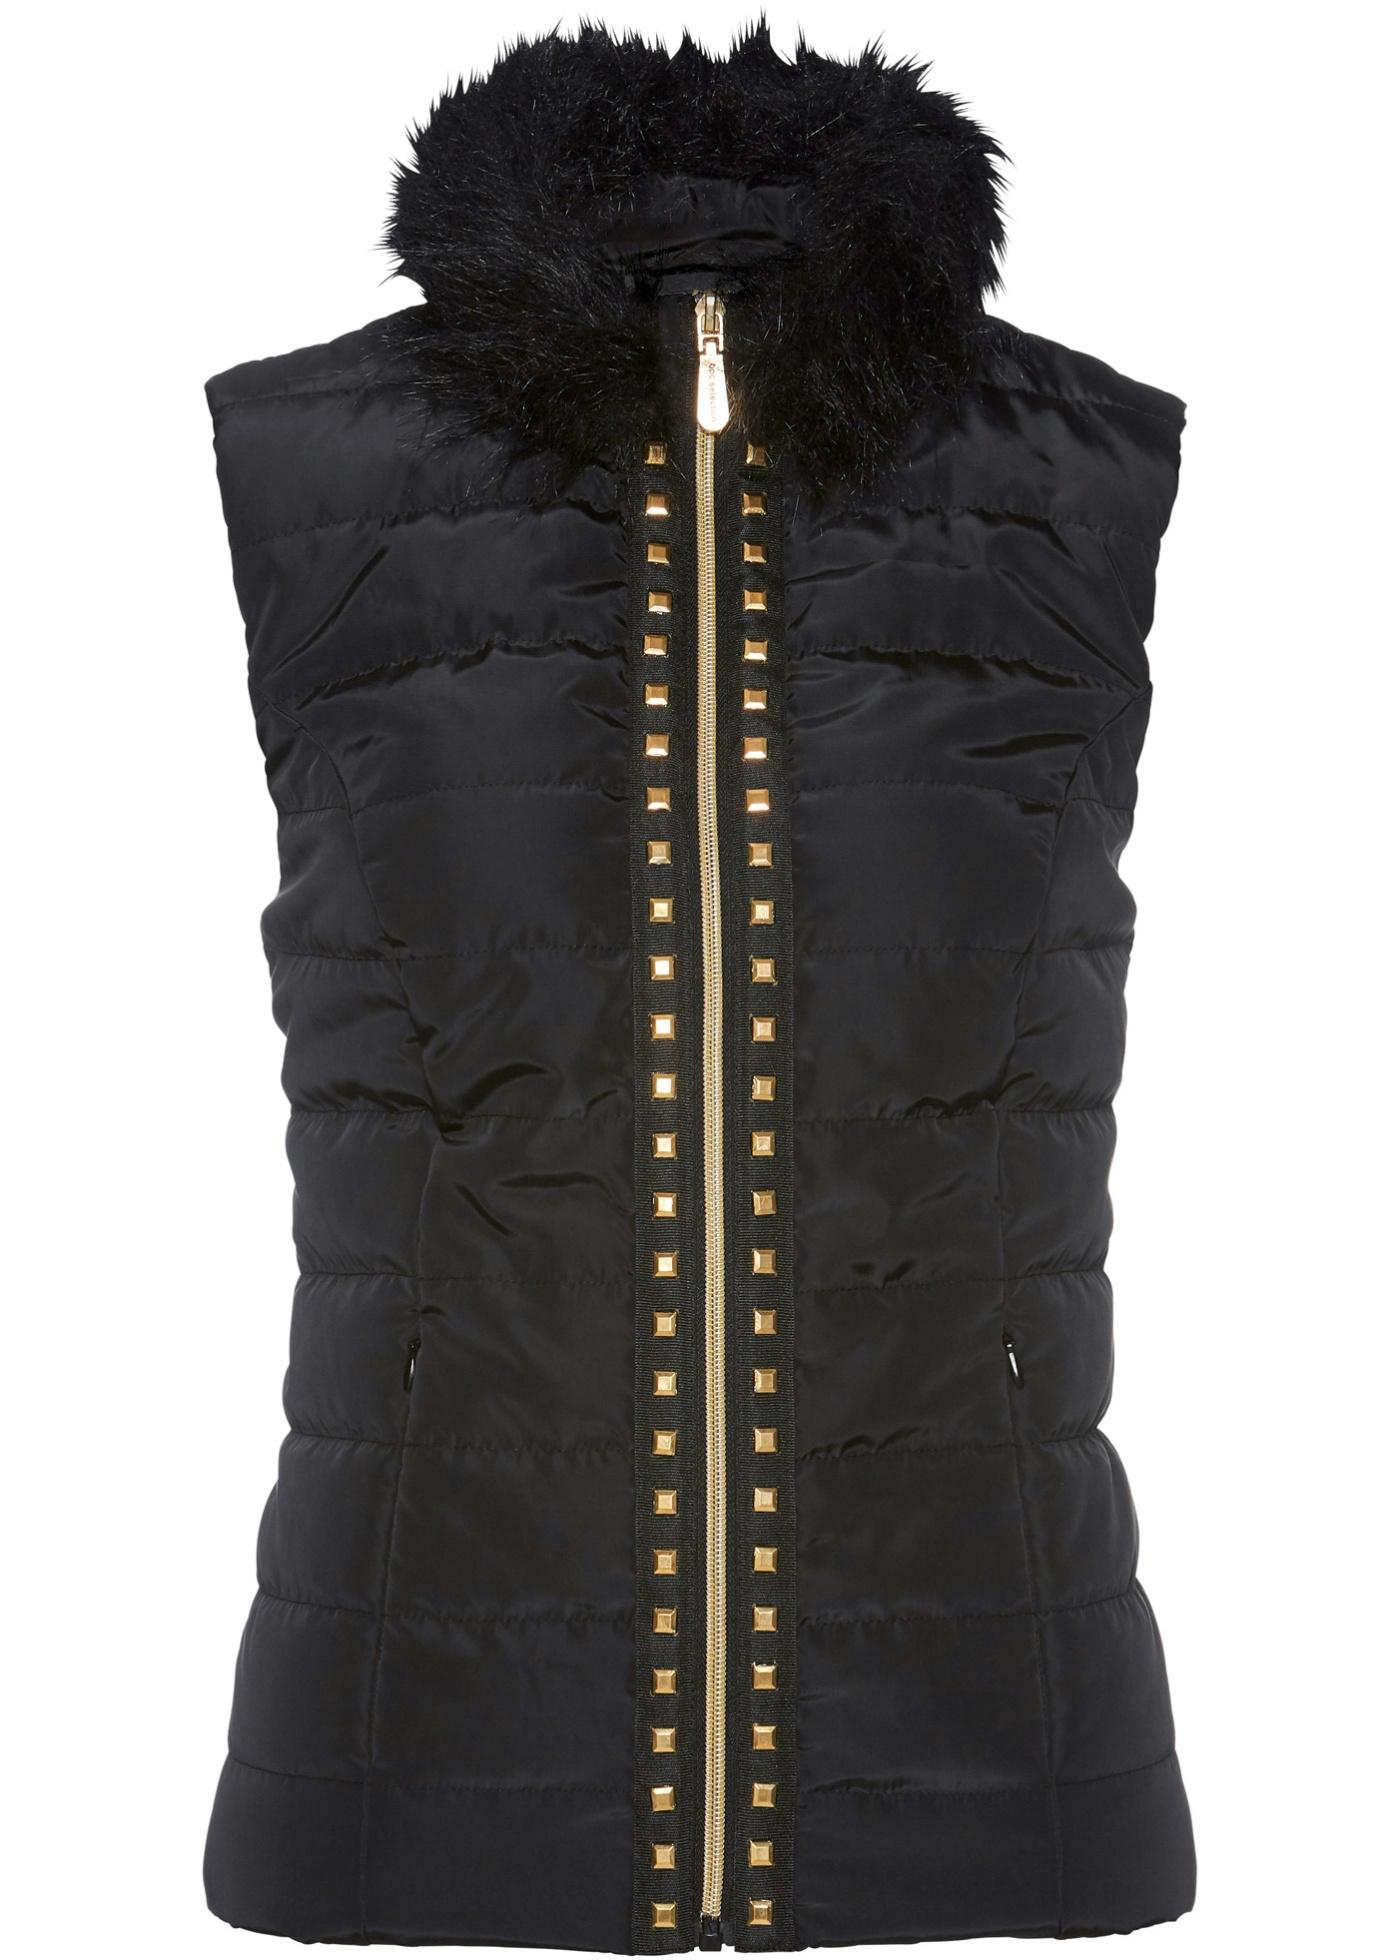 Rivets sur la fermeture zippée, léger rembourrage, 2 poches zippées dans la couture, long. env. 60 cm, lavage machine.